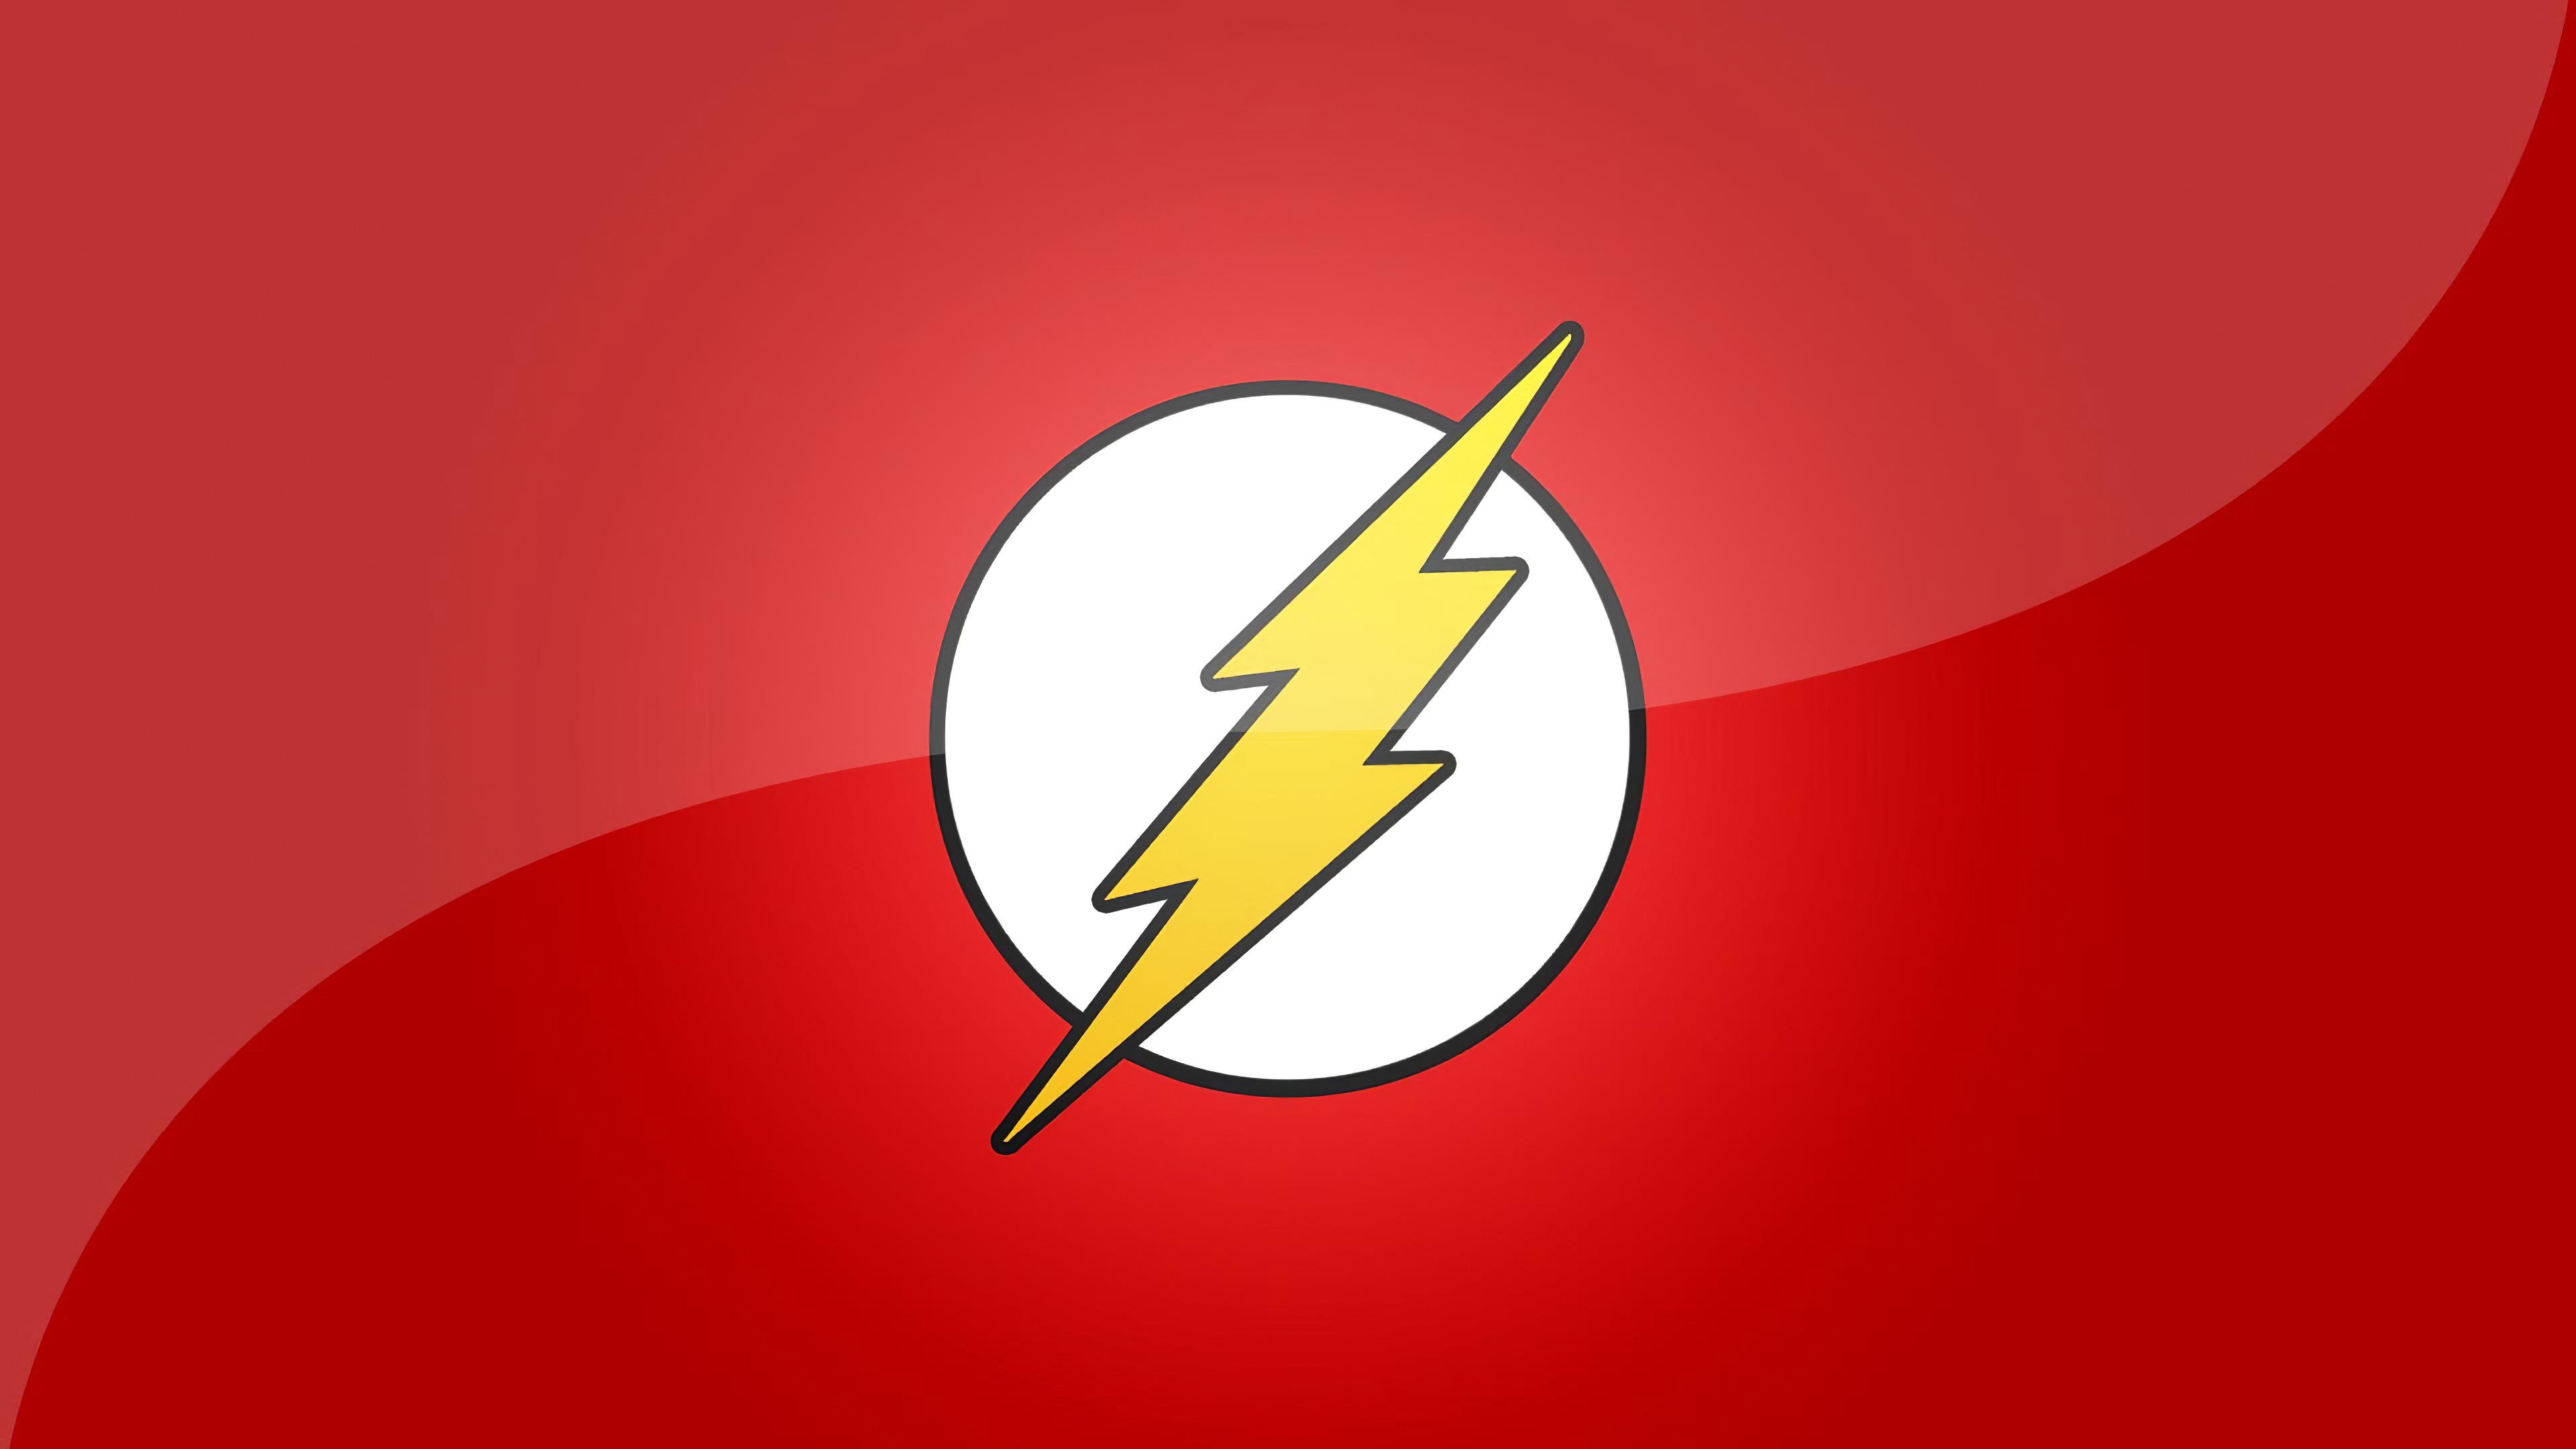 flash-logo-minimal-4k-qi.jpg